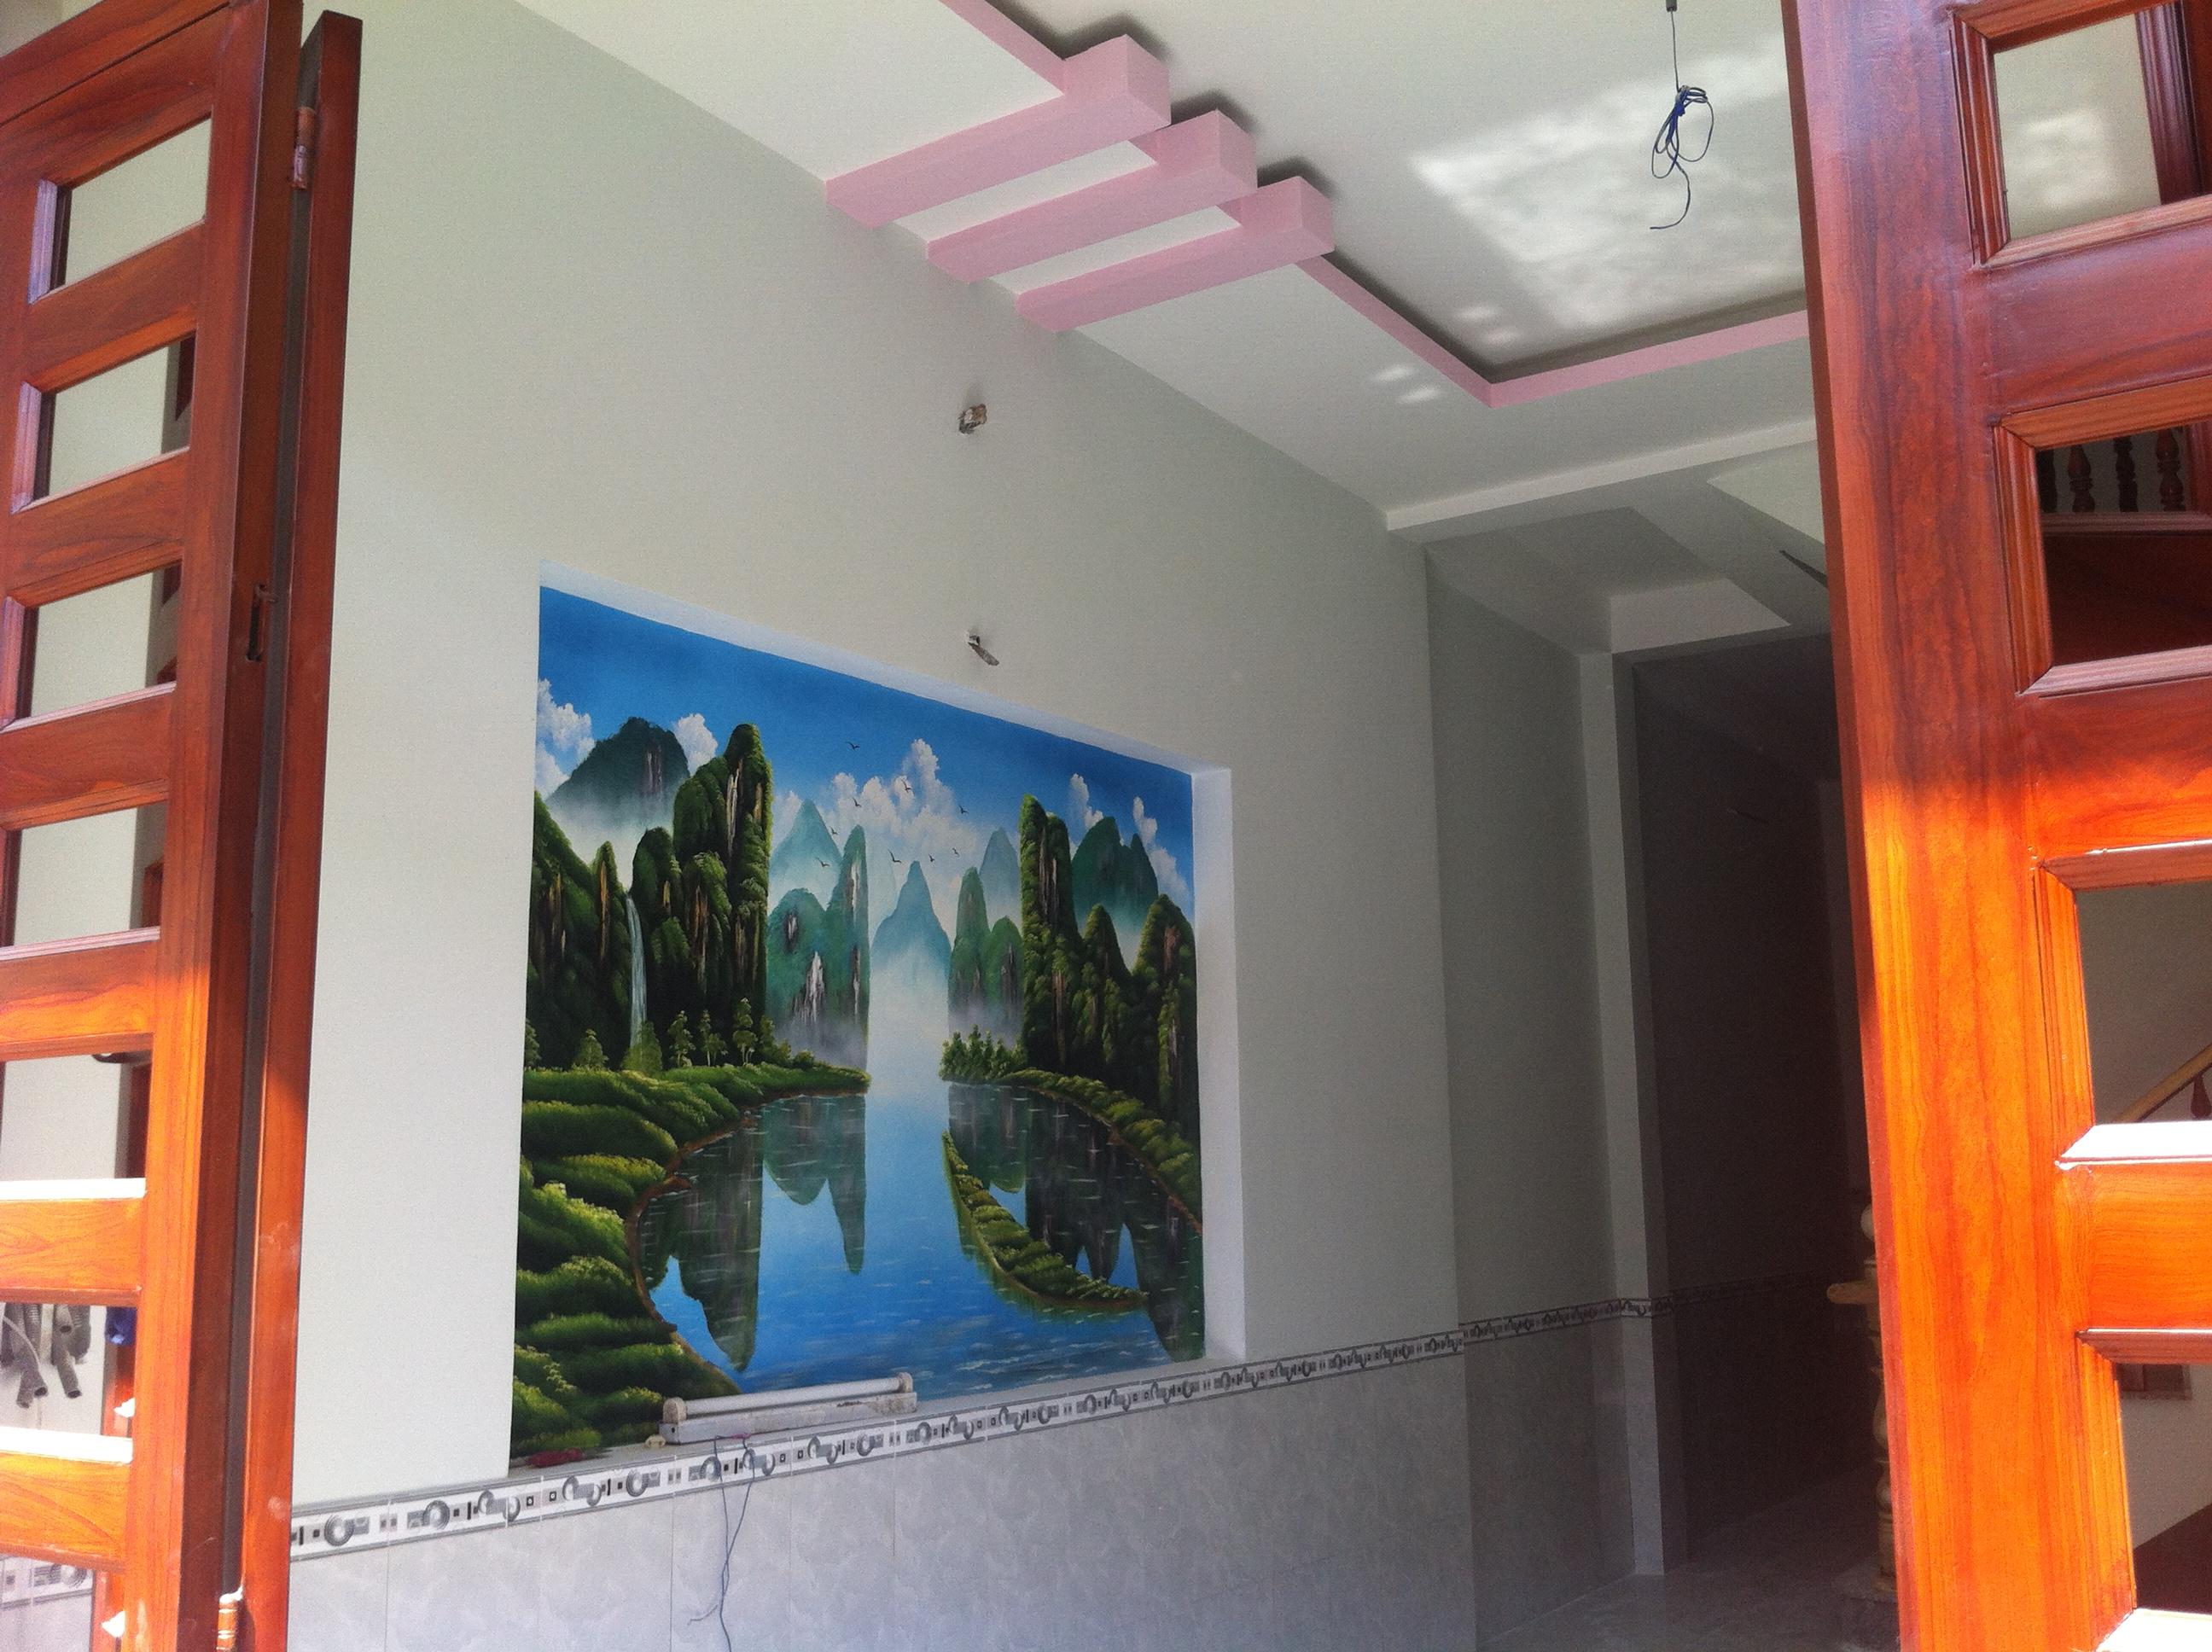 tranh tường trong nhà tọa lạc vị trí đẹp dĩ an